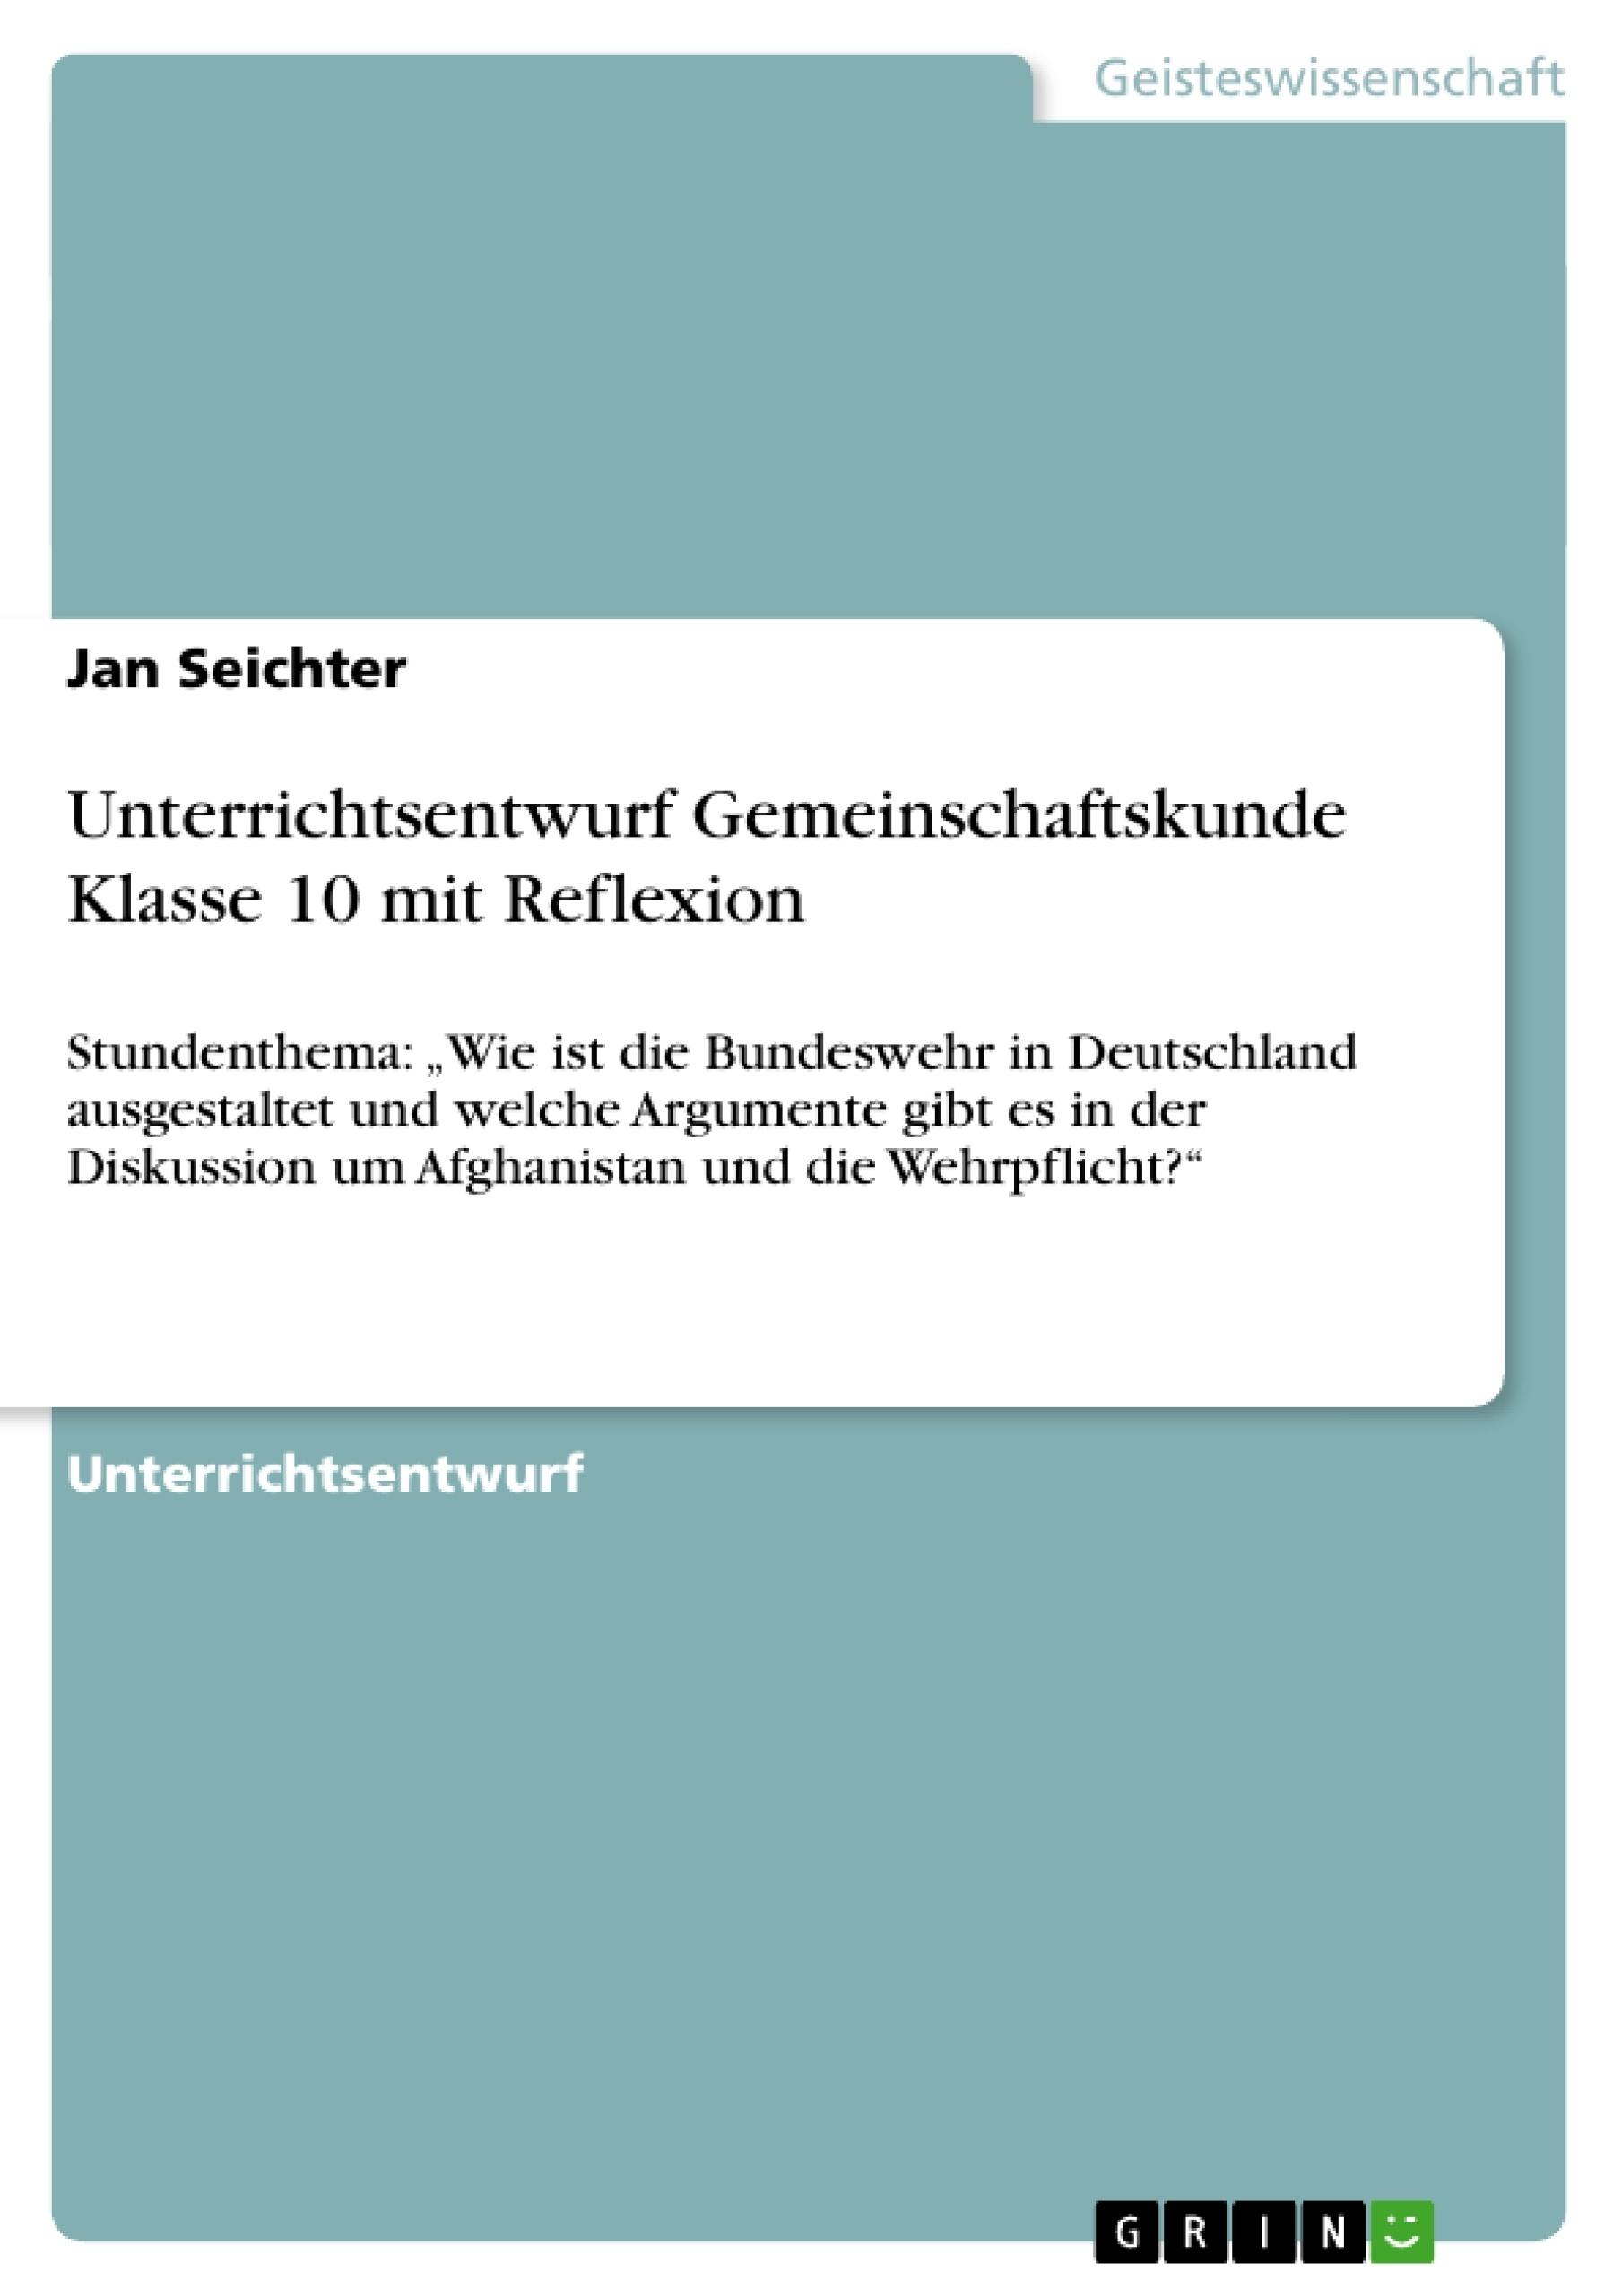 Titel: Unterrichtsentwurf Gemeinschaftskunde Klasse 10 mit Reflexion